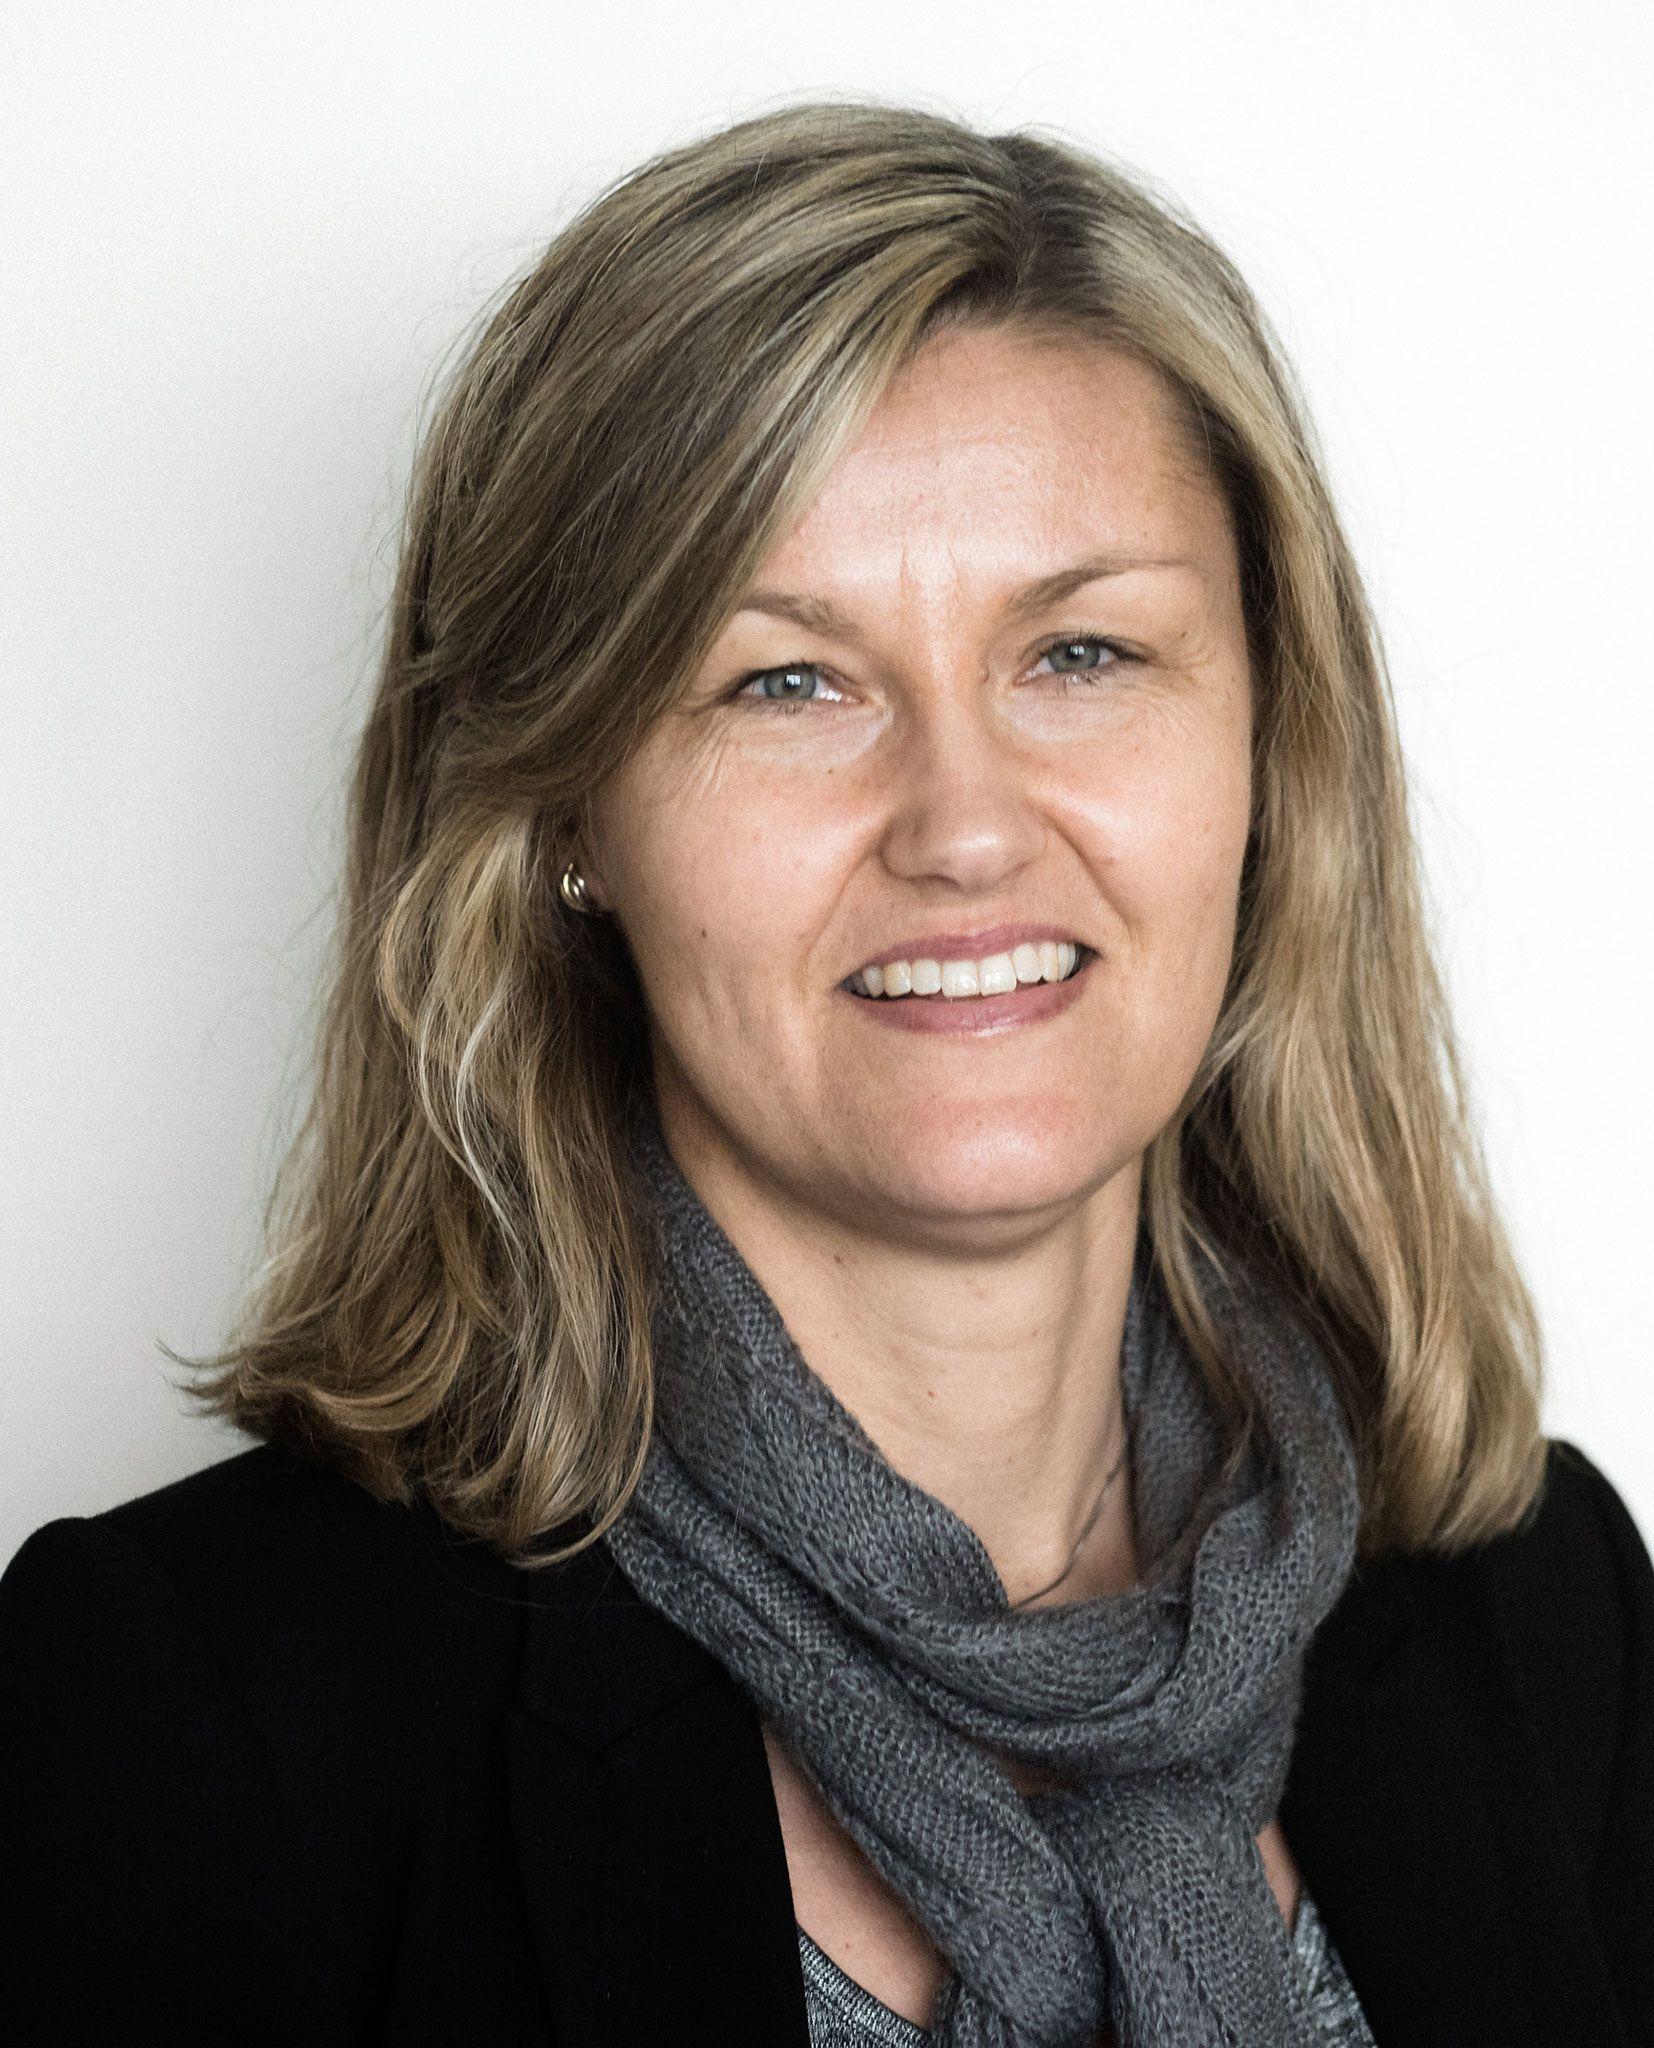 Marit Flatla Kornbakk